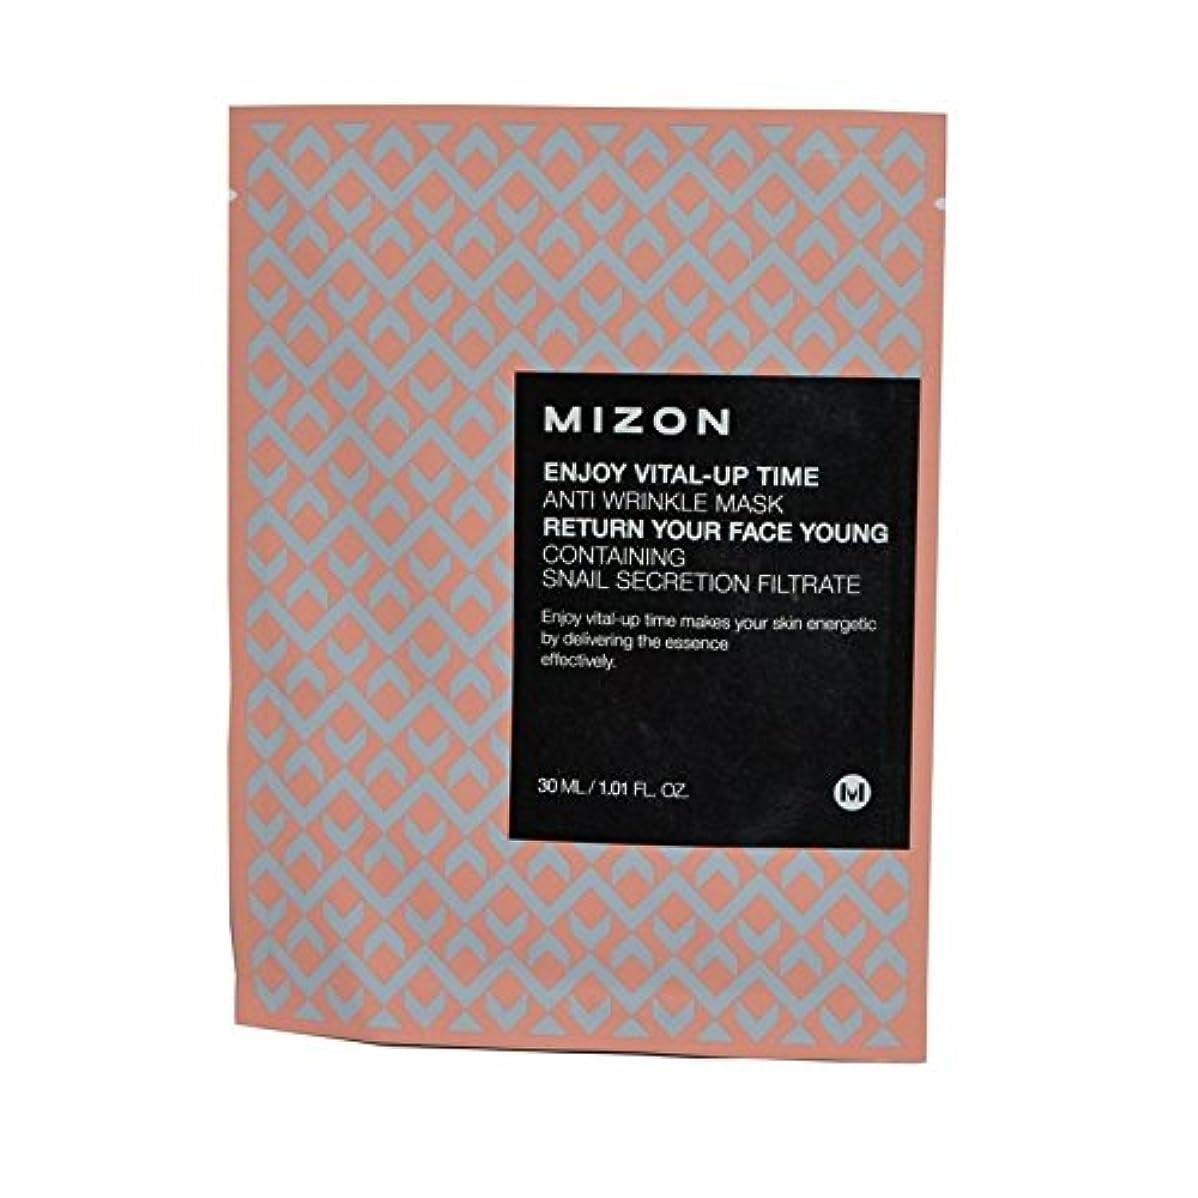 換気面積平凡が不可欠アップ時間抗しわマスクを楽しみます x4 - Mizon Enjoy Vital Up Time Anti-Wrinkle Mask (Pack of 4) [並行輸入品]